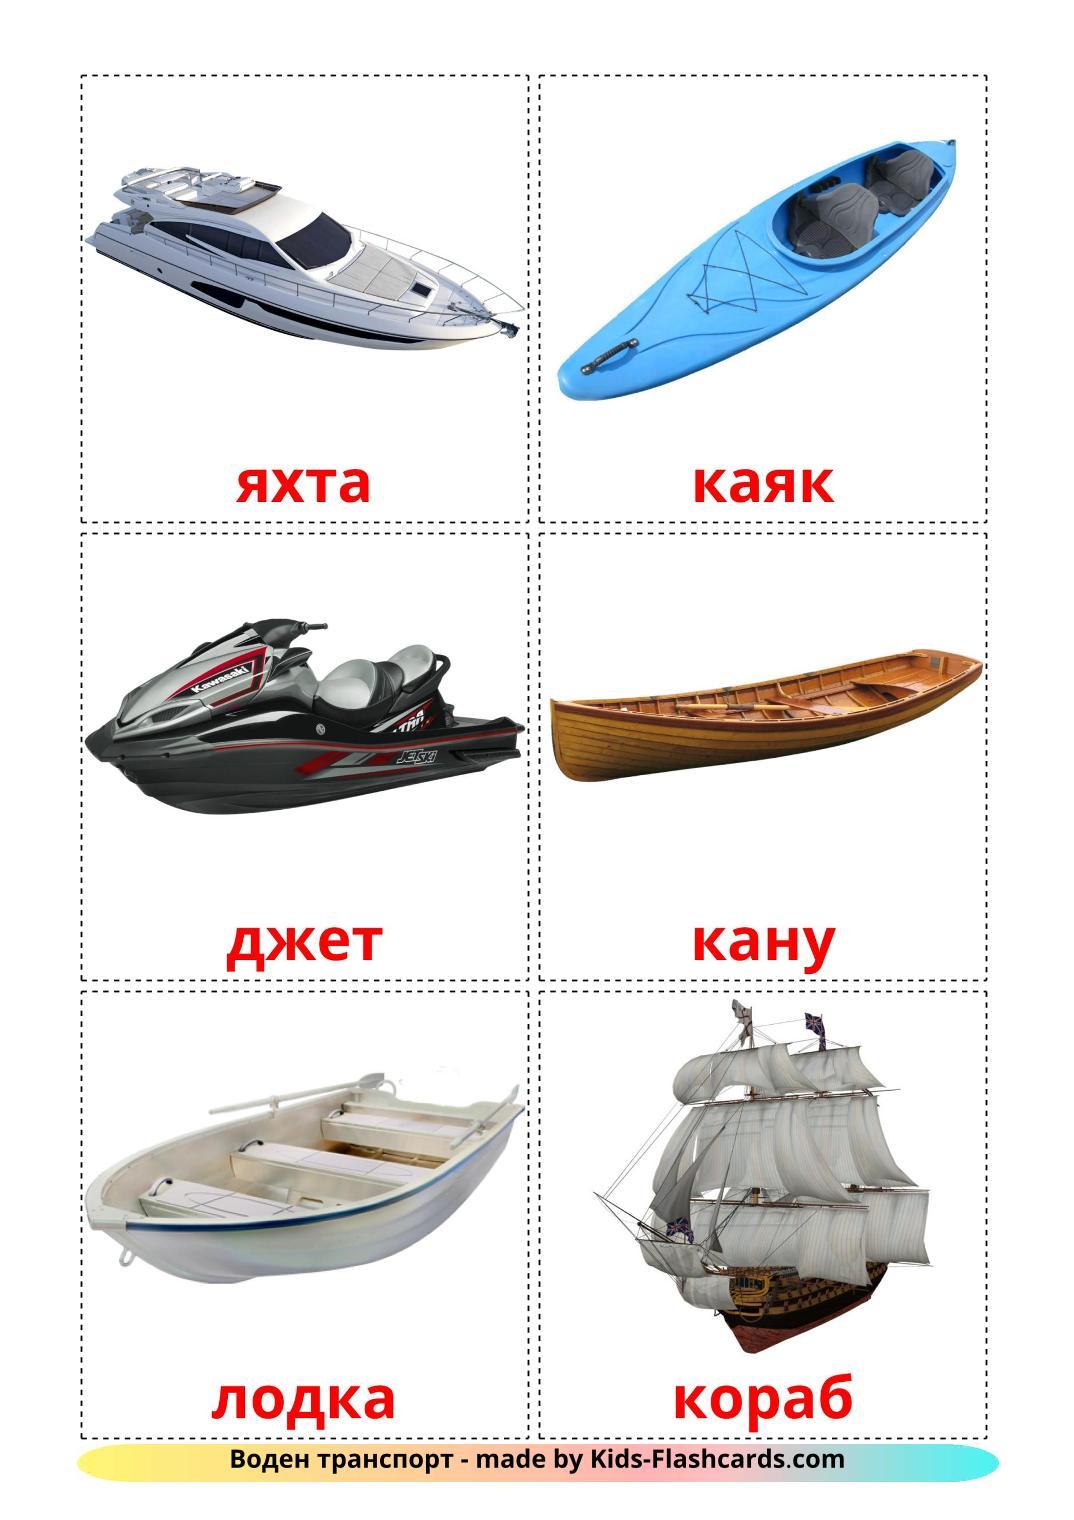 Водный транспорт - 18 Карточек Домана на болгарском